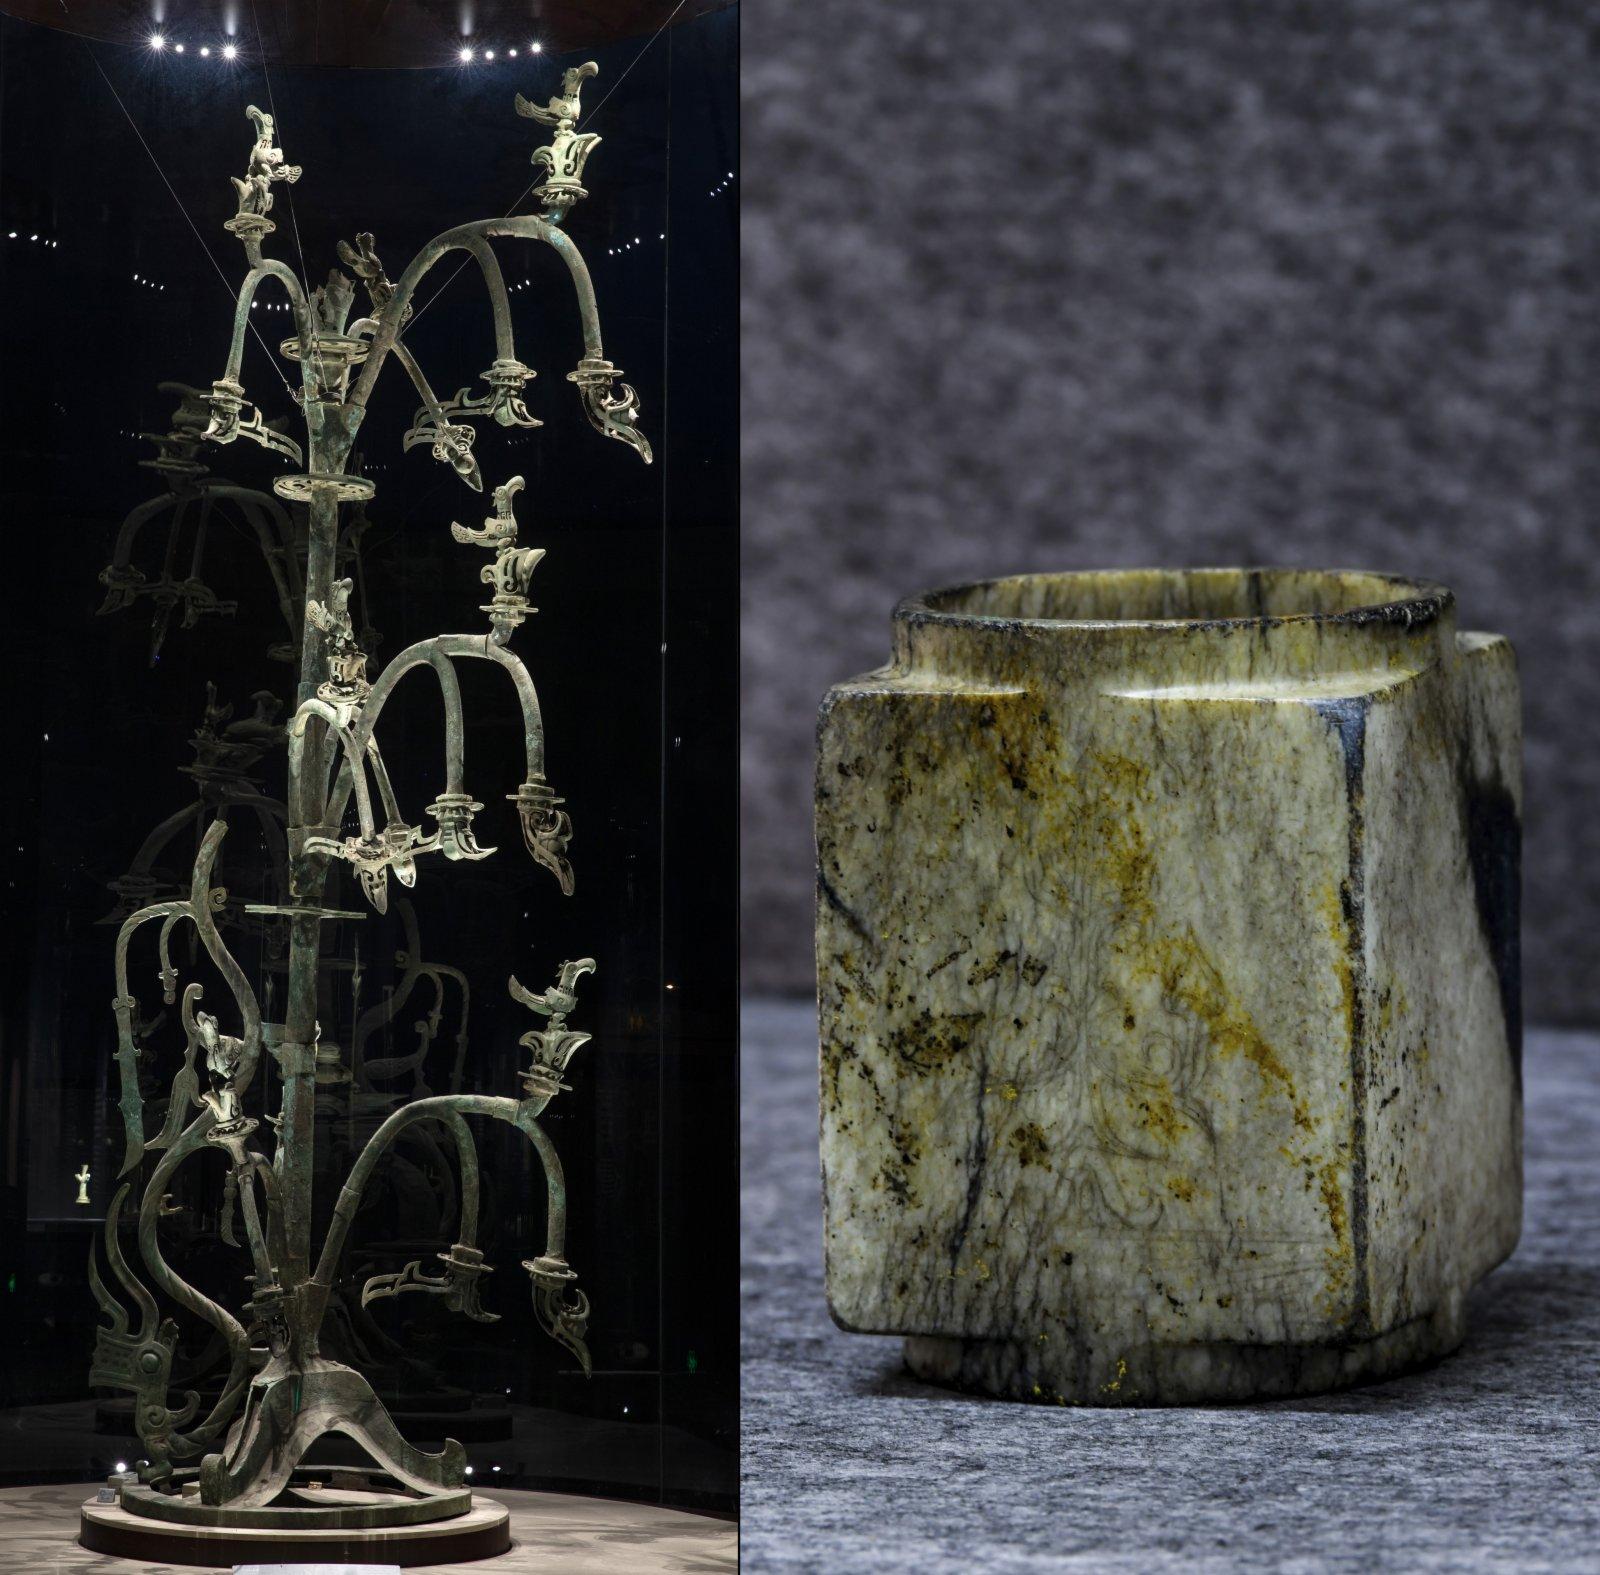 拼版照片:左圖是在位於四川德陽廣漢市的三星堆博物館拍攝的1號青銅神樹(3月17日攝,新華社記者 沈伯韓 攝);右圖是在四川省文物考古研究院三星堆考古研究所拍攝的三星堆遺址3號「祭祀坑」出土的刻有神樹紋的玉琮(9月2日攝)。